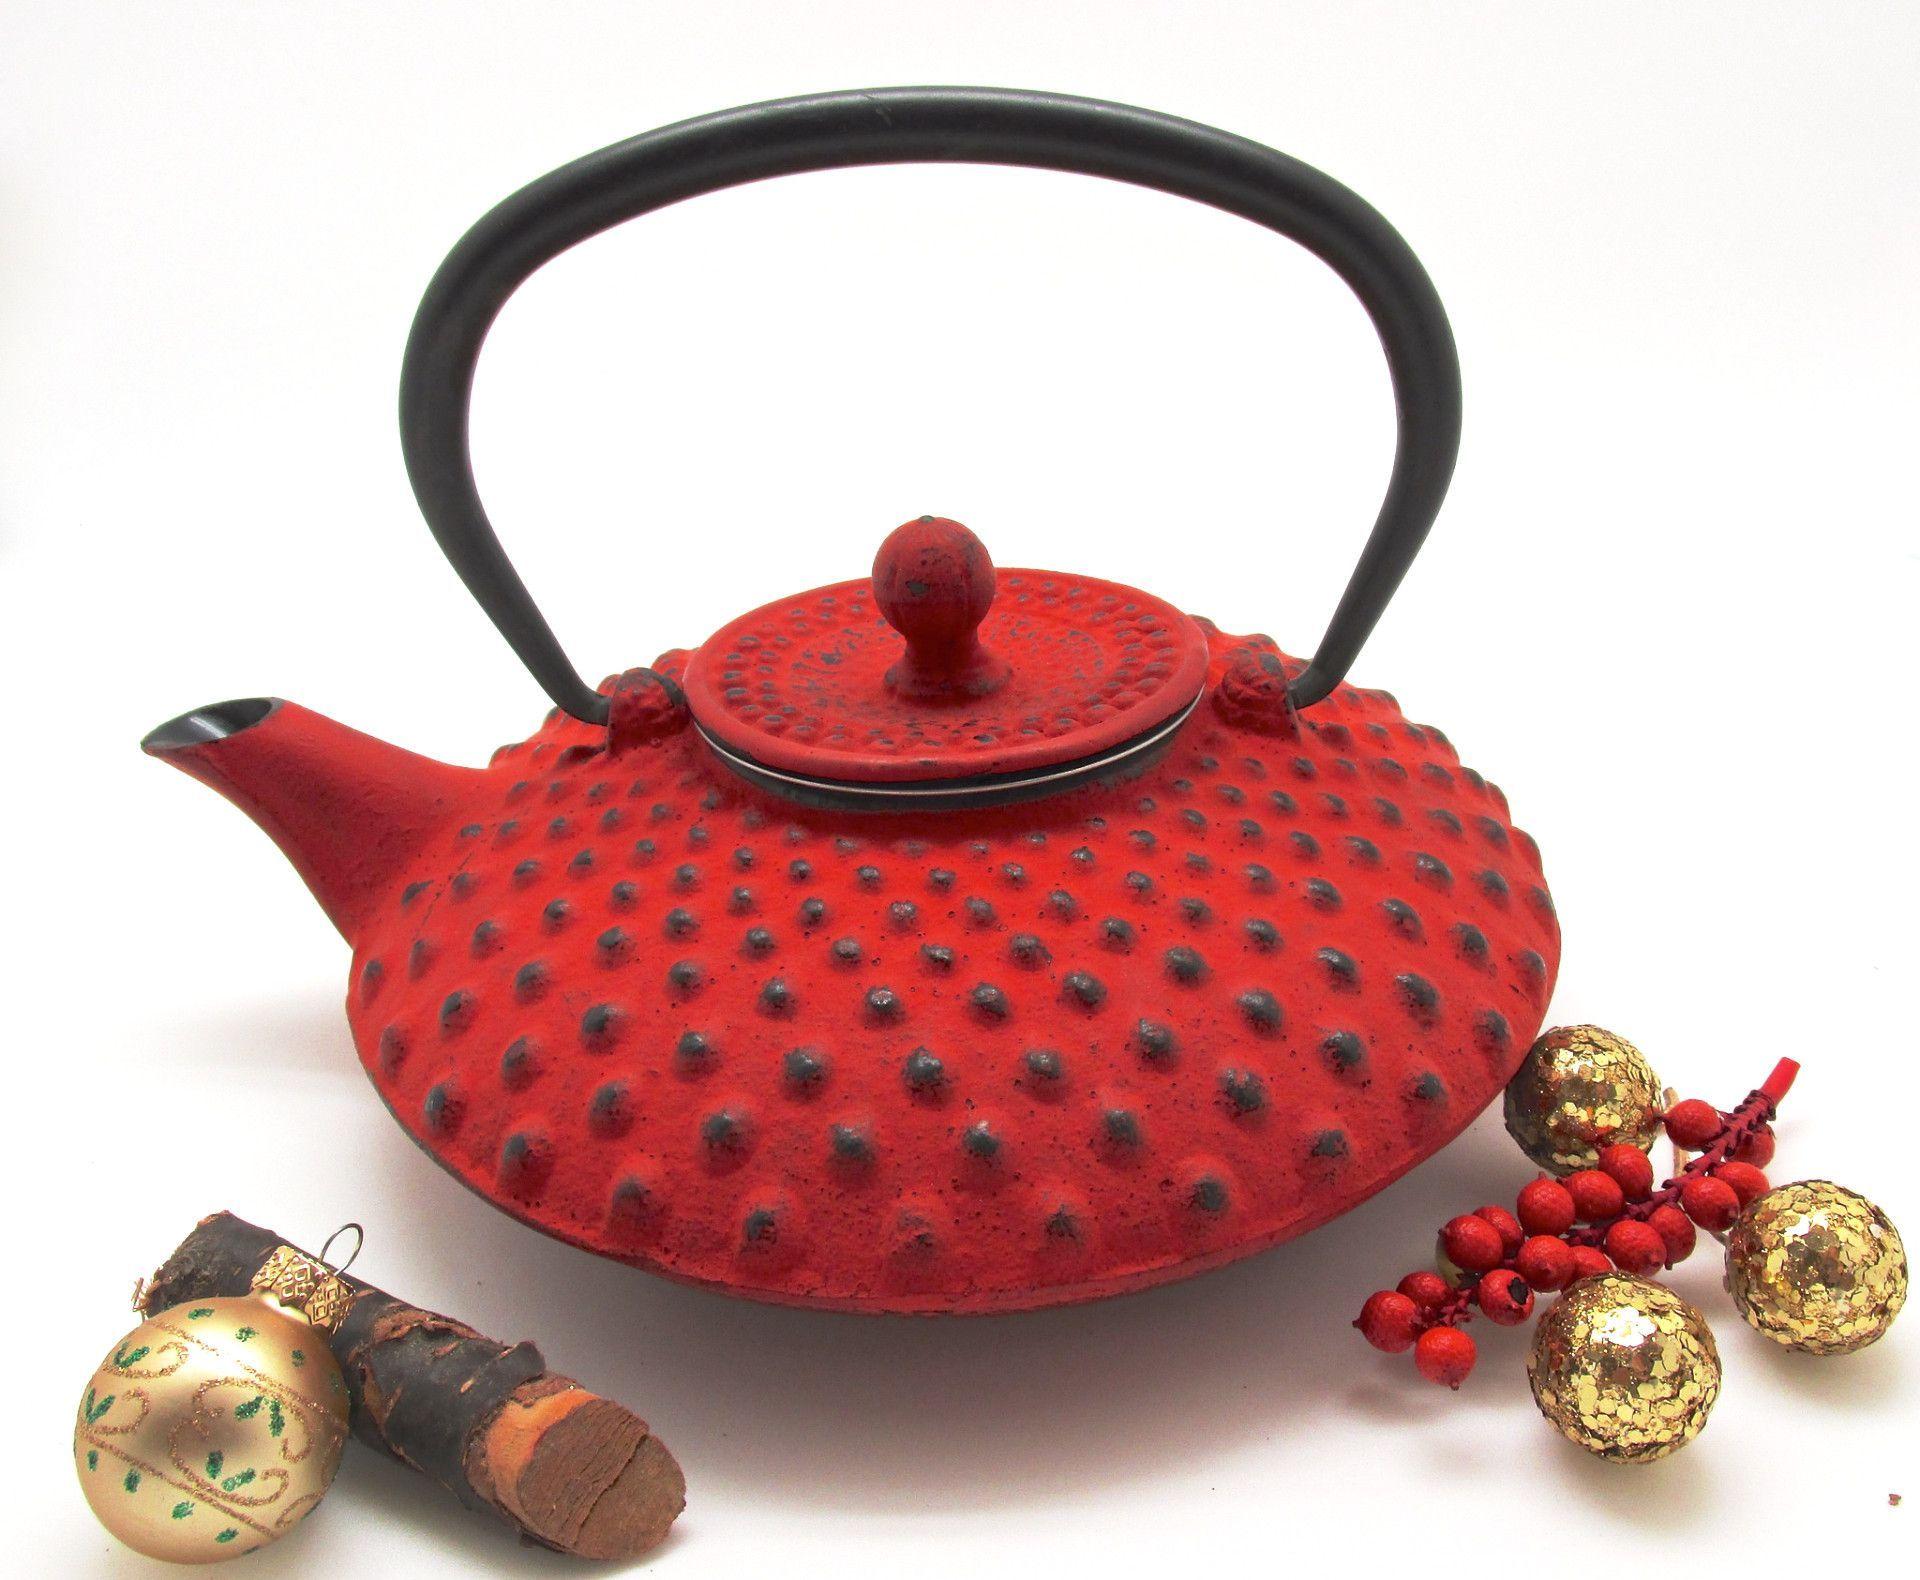 shimizu cast iron tea pot with infuser red tea pots teas and iron